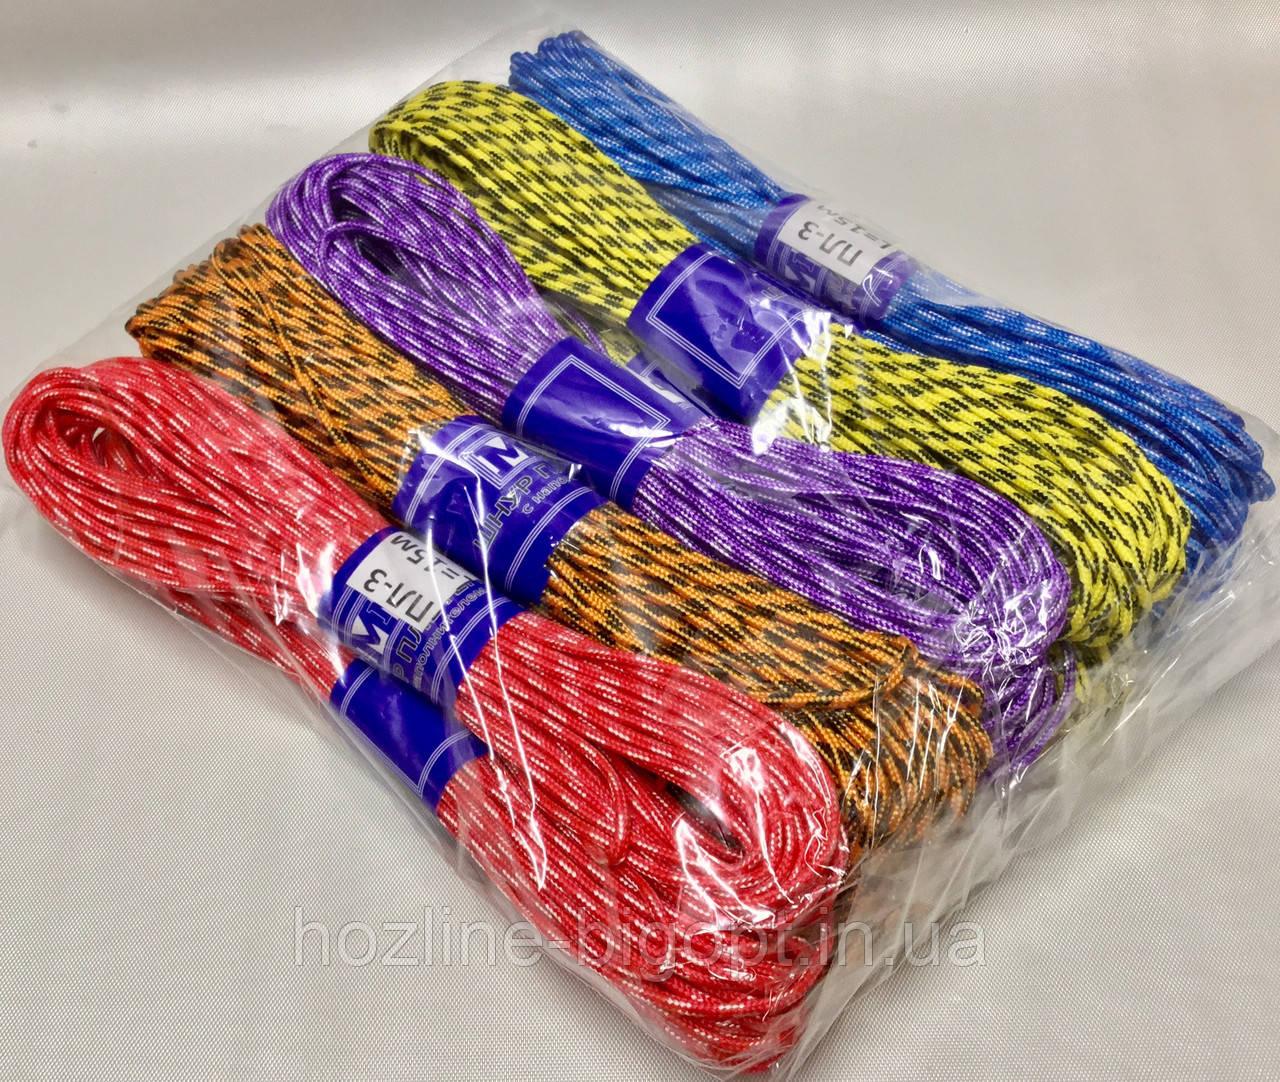 Шнур Бельевой  3 мм / плетёный полипропиленовый - 15м (цветной) 10 штук в упаковке ОСОБО-ПРОЧНЫЙ С СЕРДЕЧНИКОМ